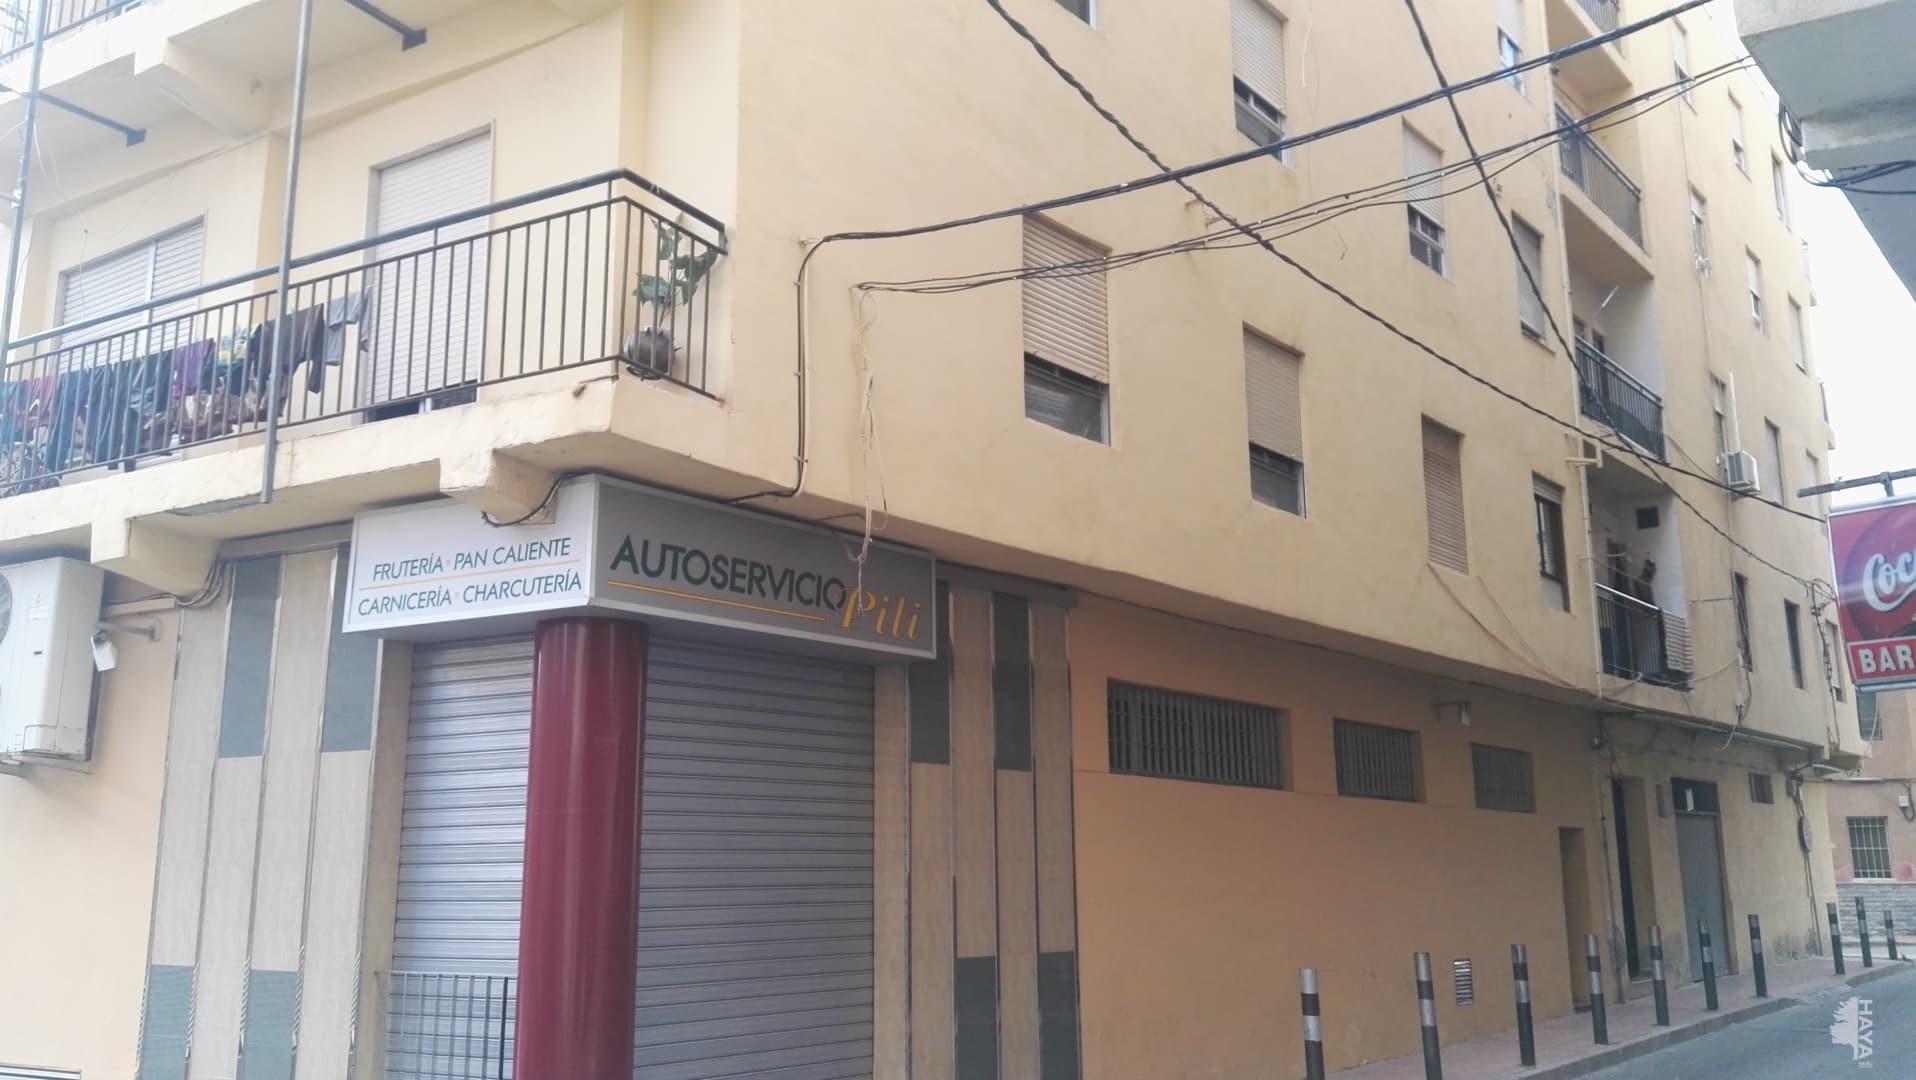 Piso en venta en Molina de Segura, Murcia, Calle Triunfo, 43.090 €, 2 habitaciones, 1 baño, 56 m2